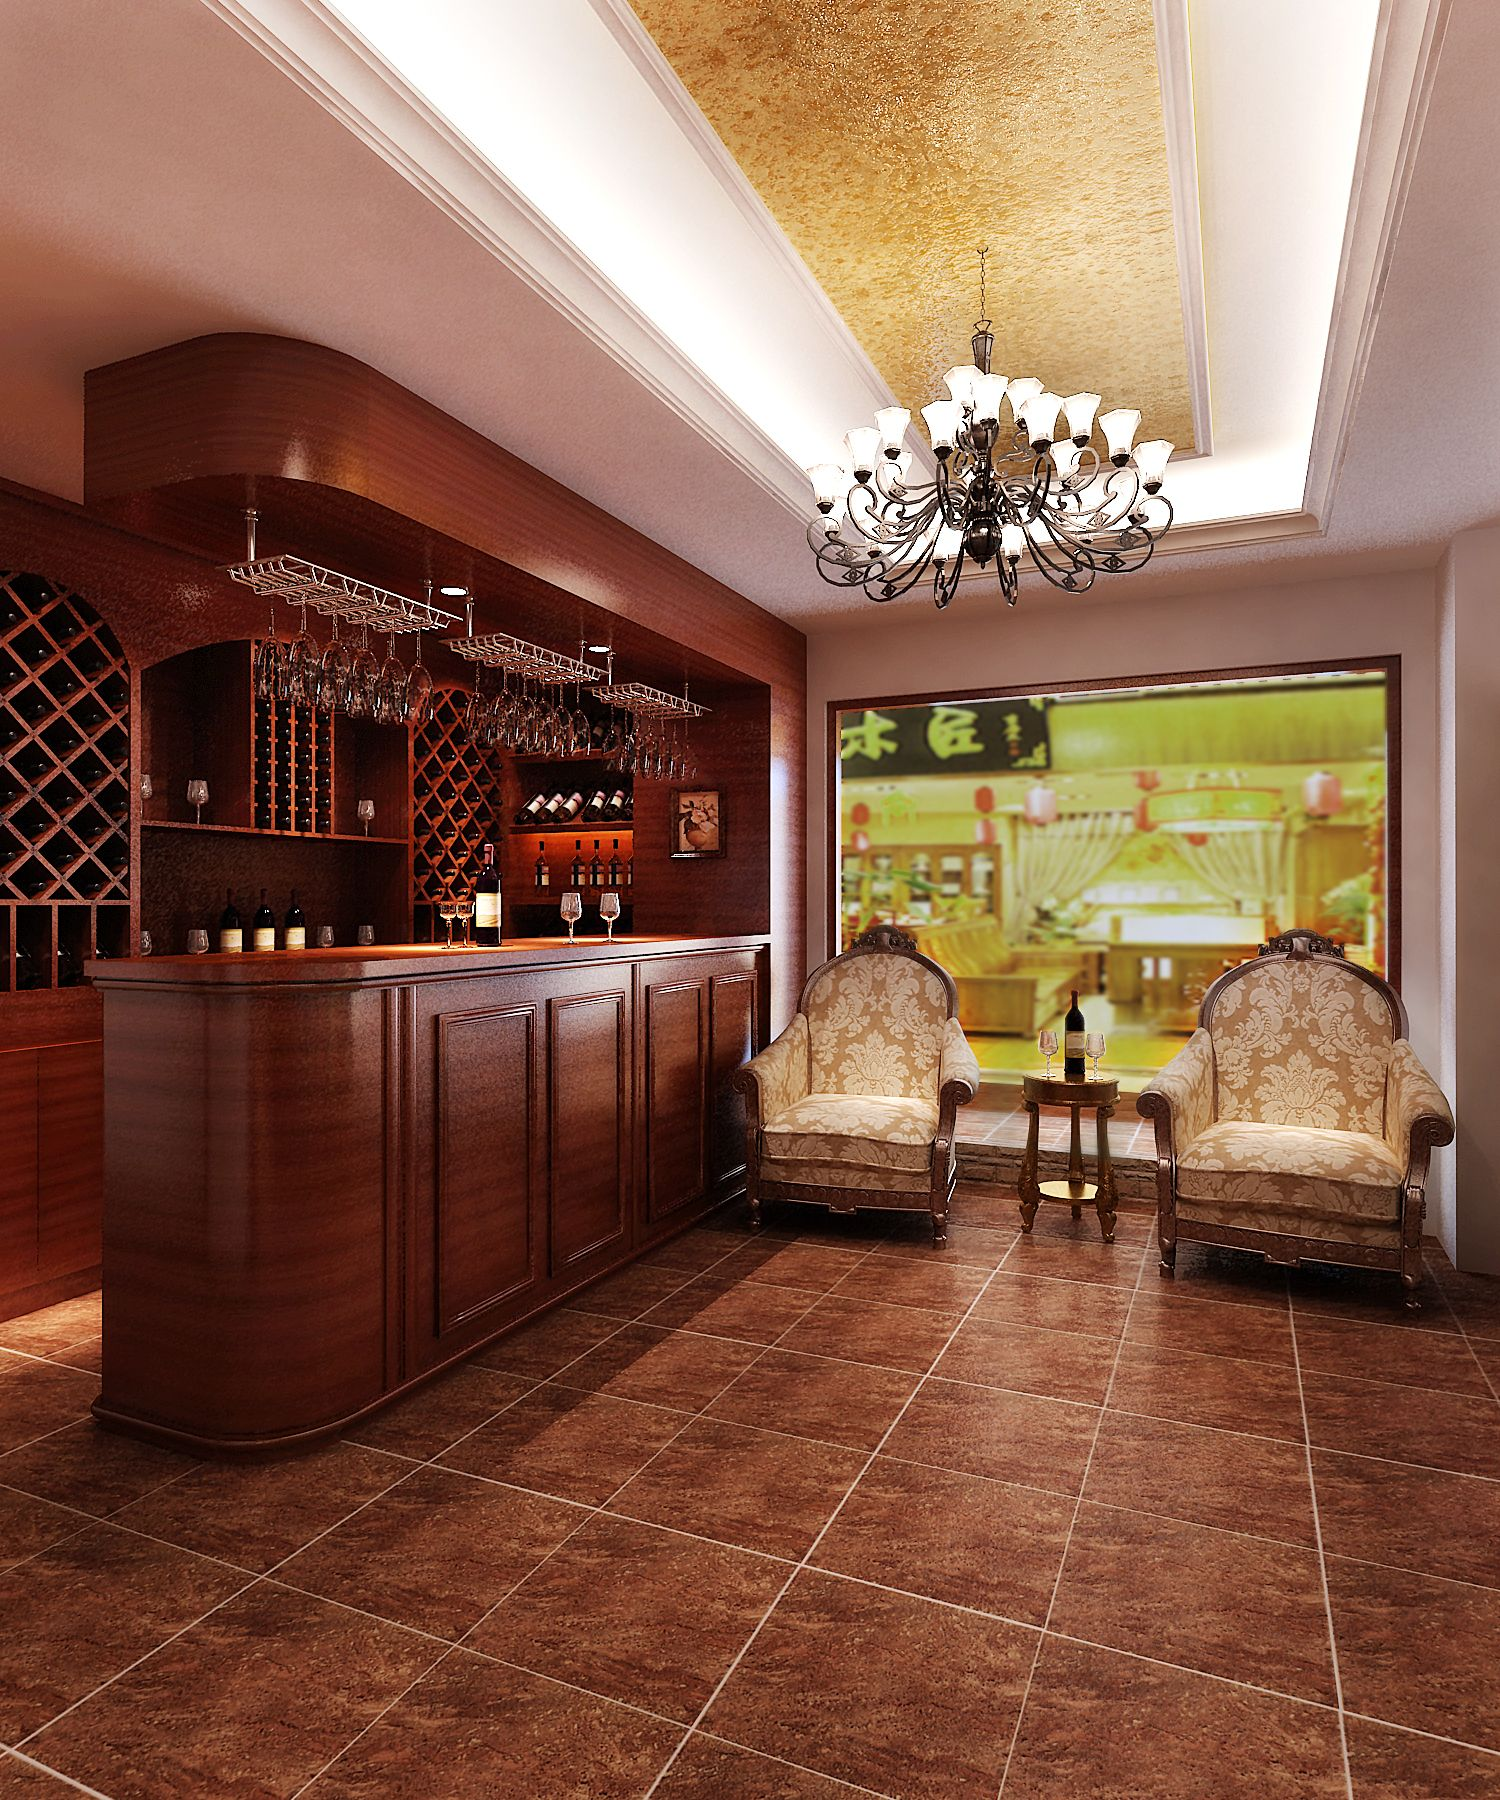 酒窖效果图 - 酒店设计 - 广州室内设计网_广州室内